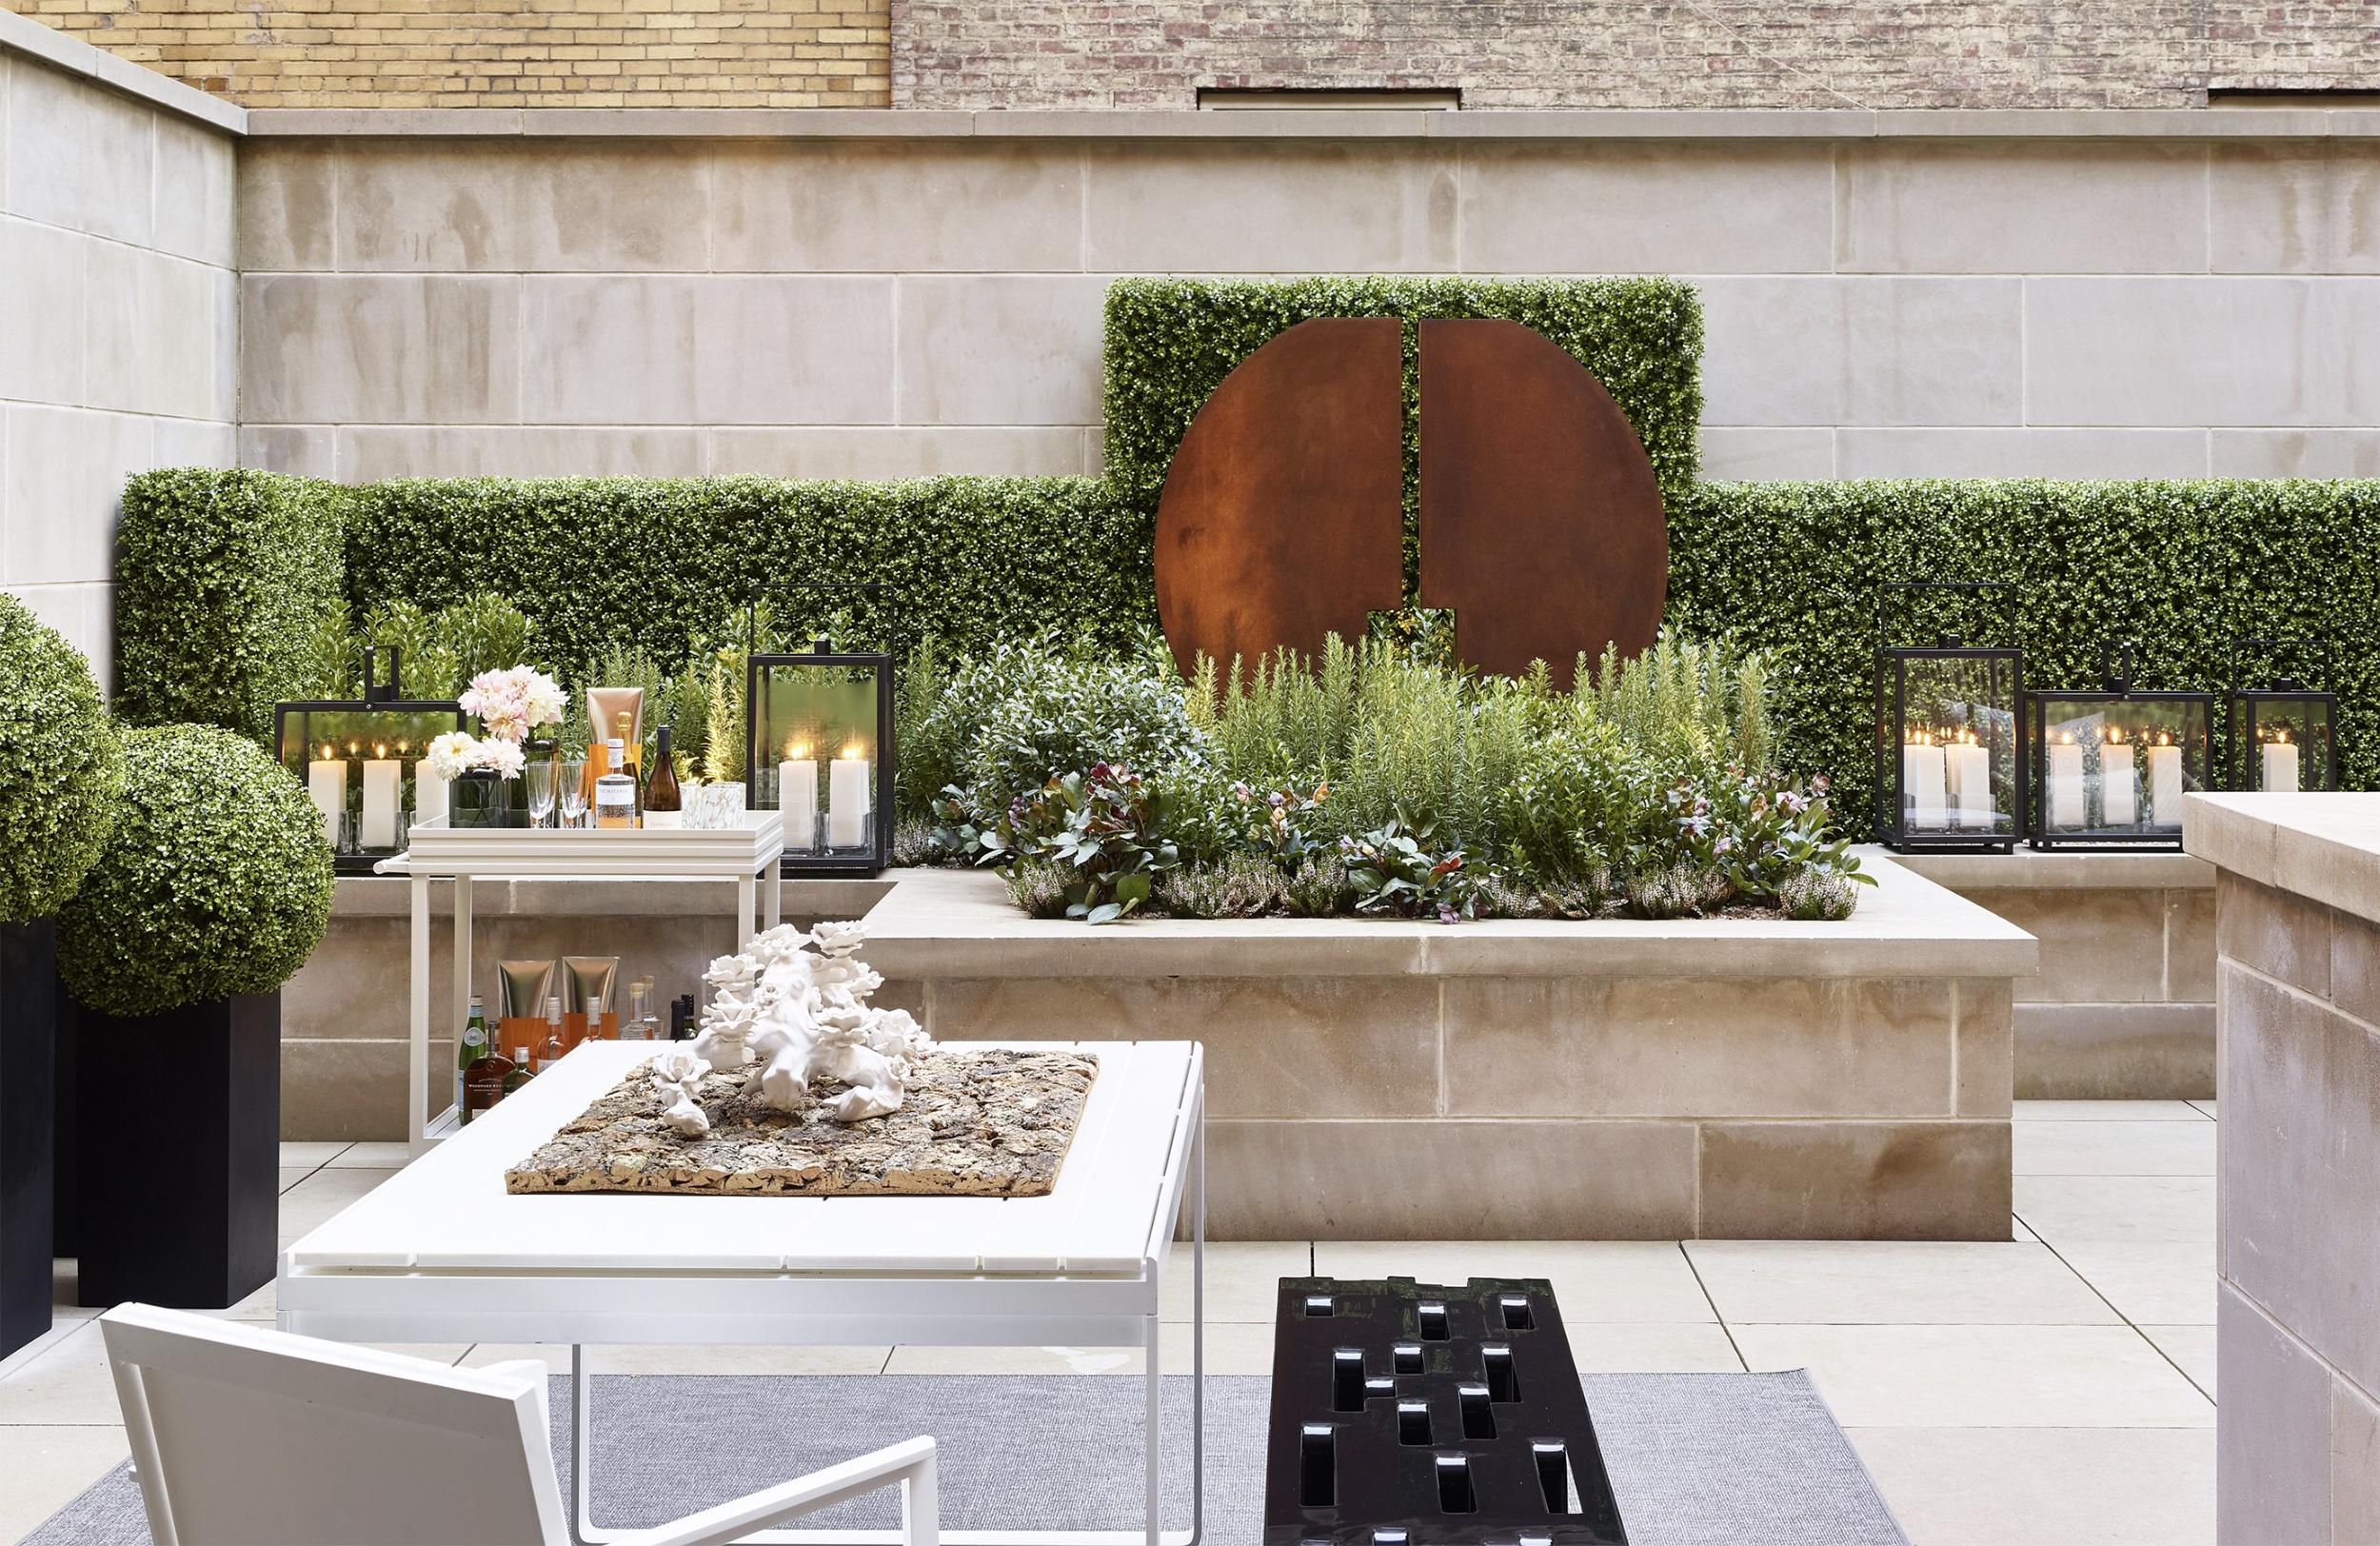 Morano+Landscape_Holiday_House_2018_Garden_Design_RKGD_ArchDigest_Vouge_Exterior_Landscapes_2.jpg